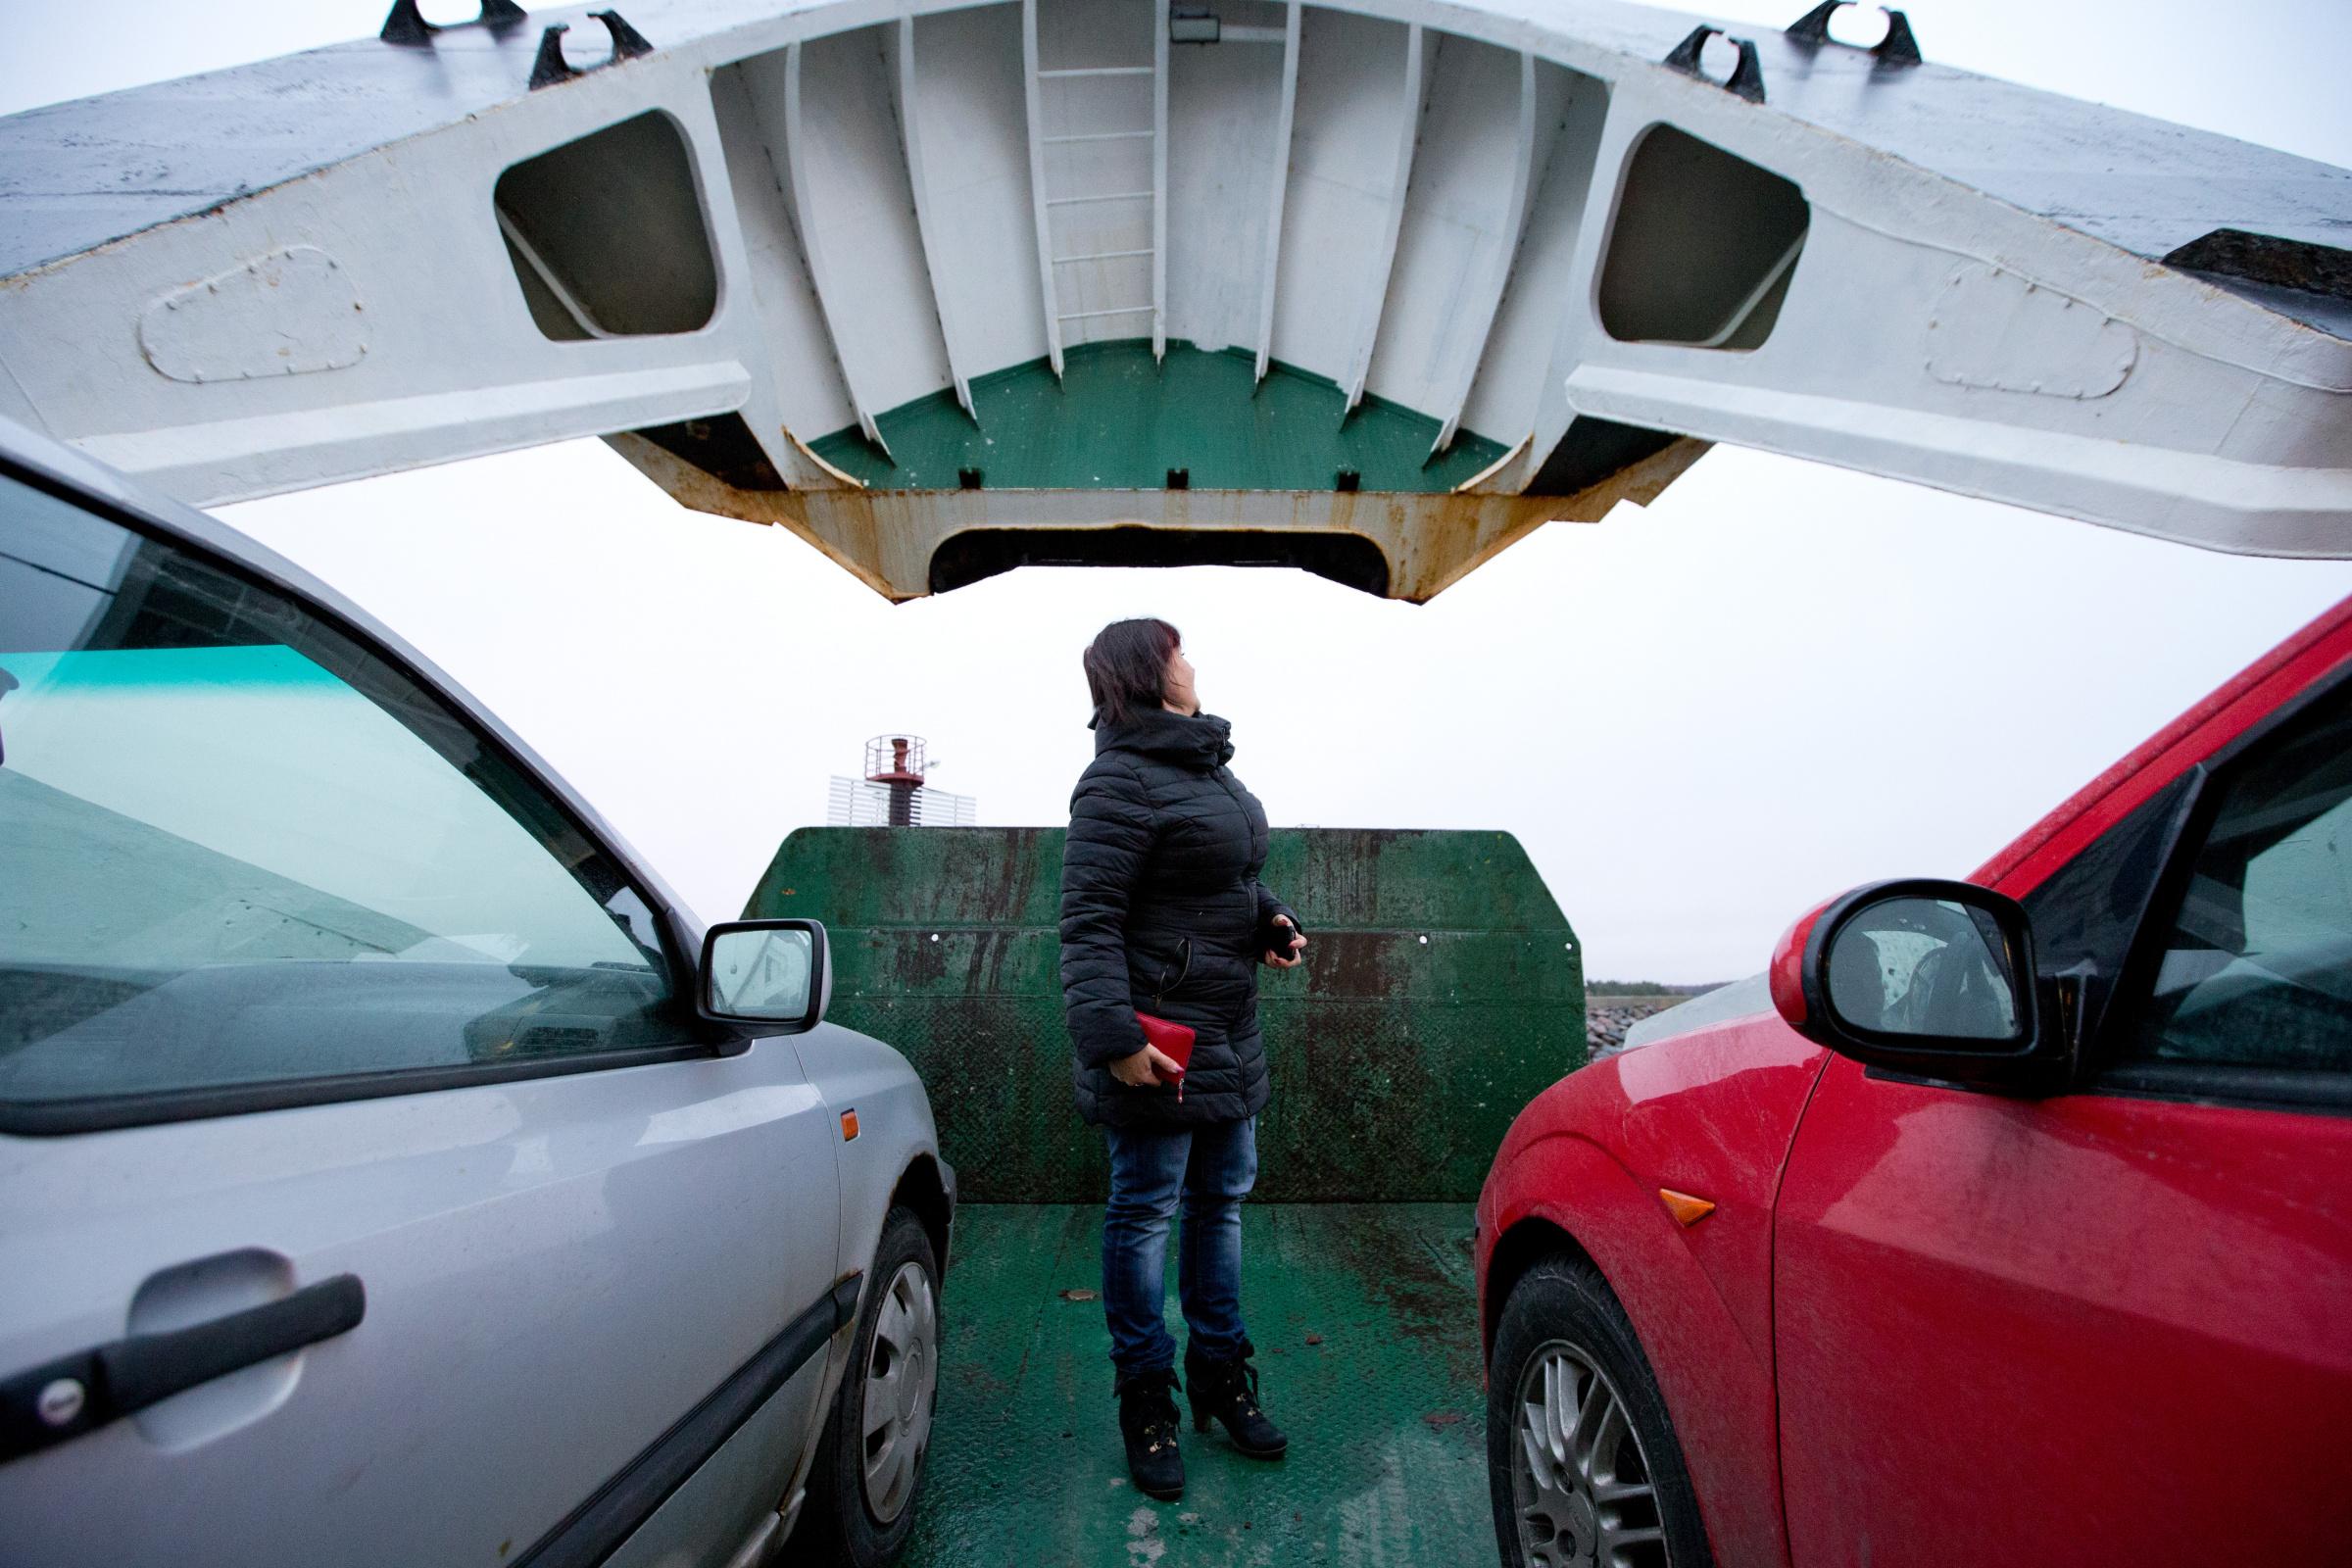 Majandus.ee: Vormsi praam. Foto: LIIS TREIMANN/POSTIMEES